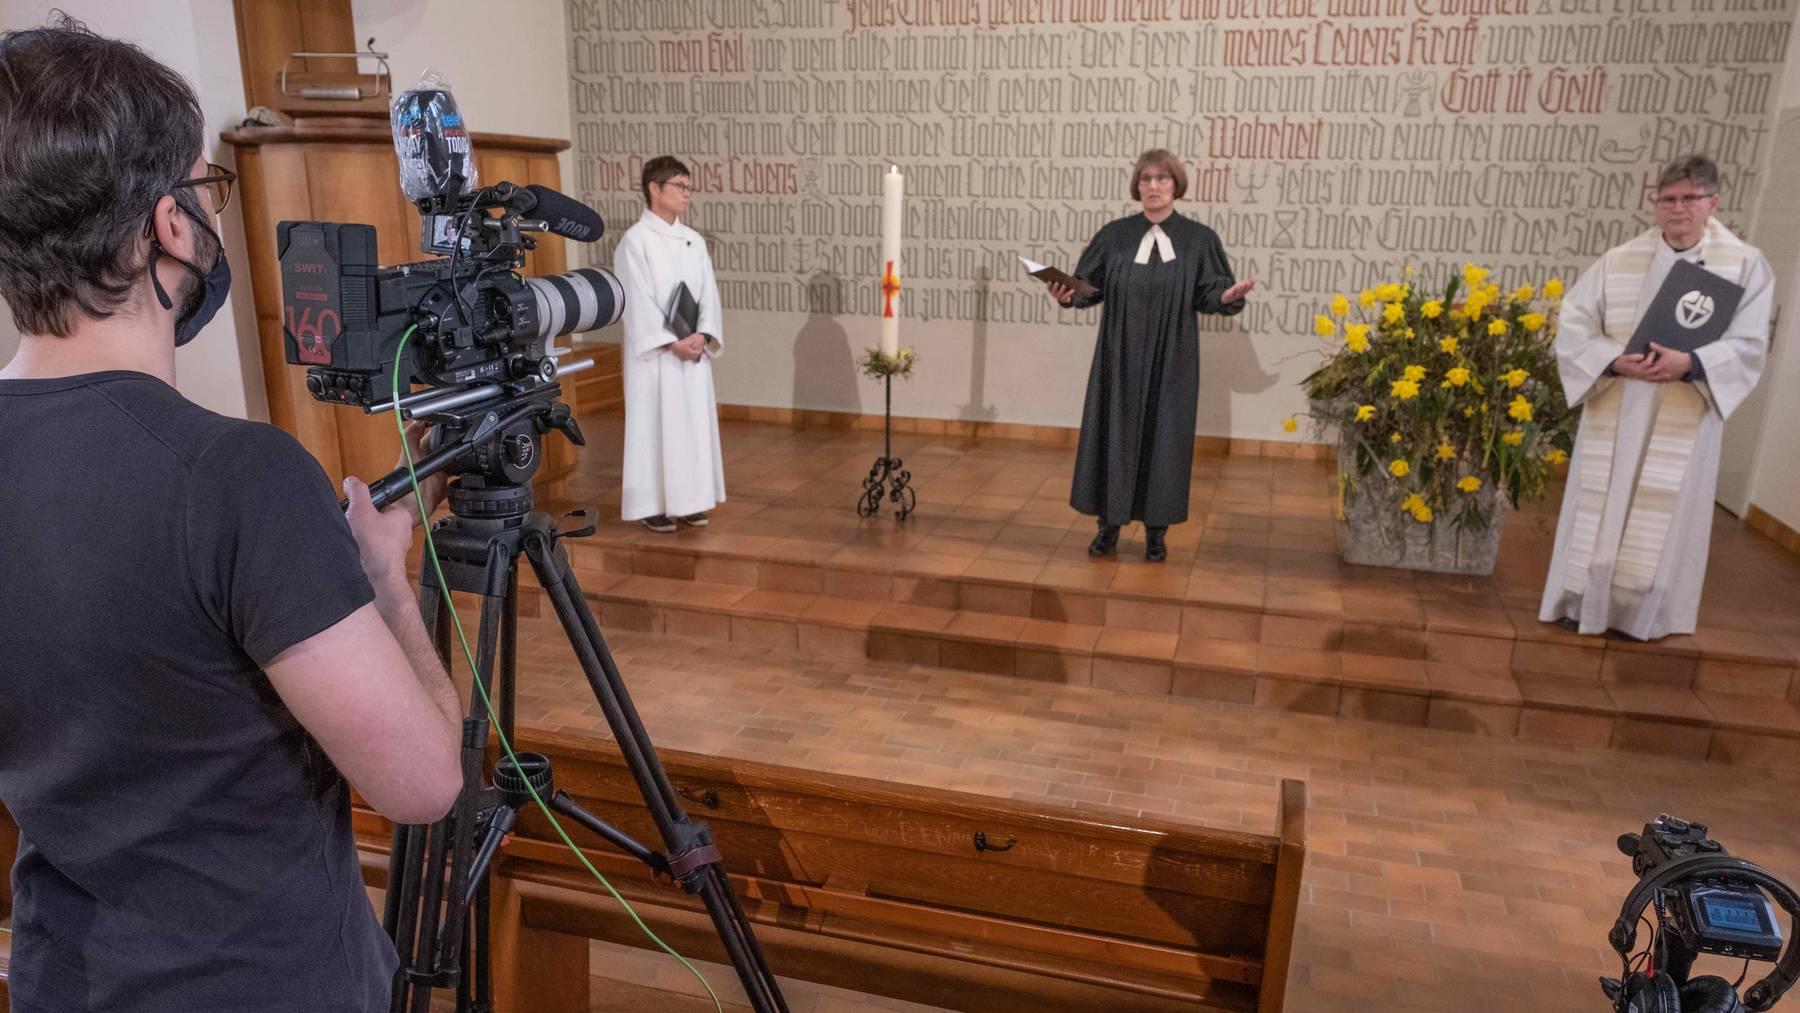 Der Ostergottesdienst der Luzerner Landeskirchen auf Tele 1